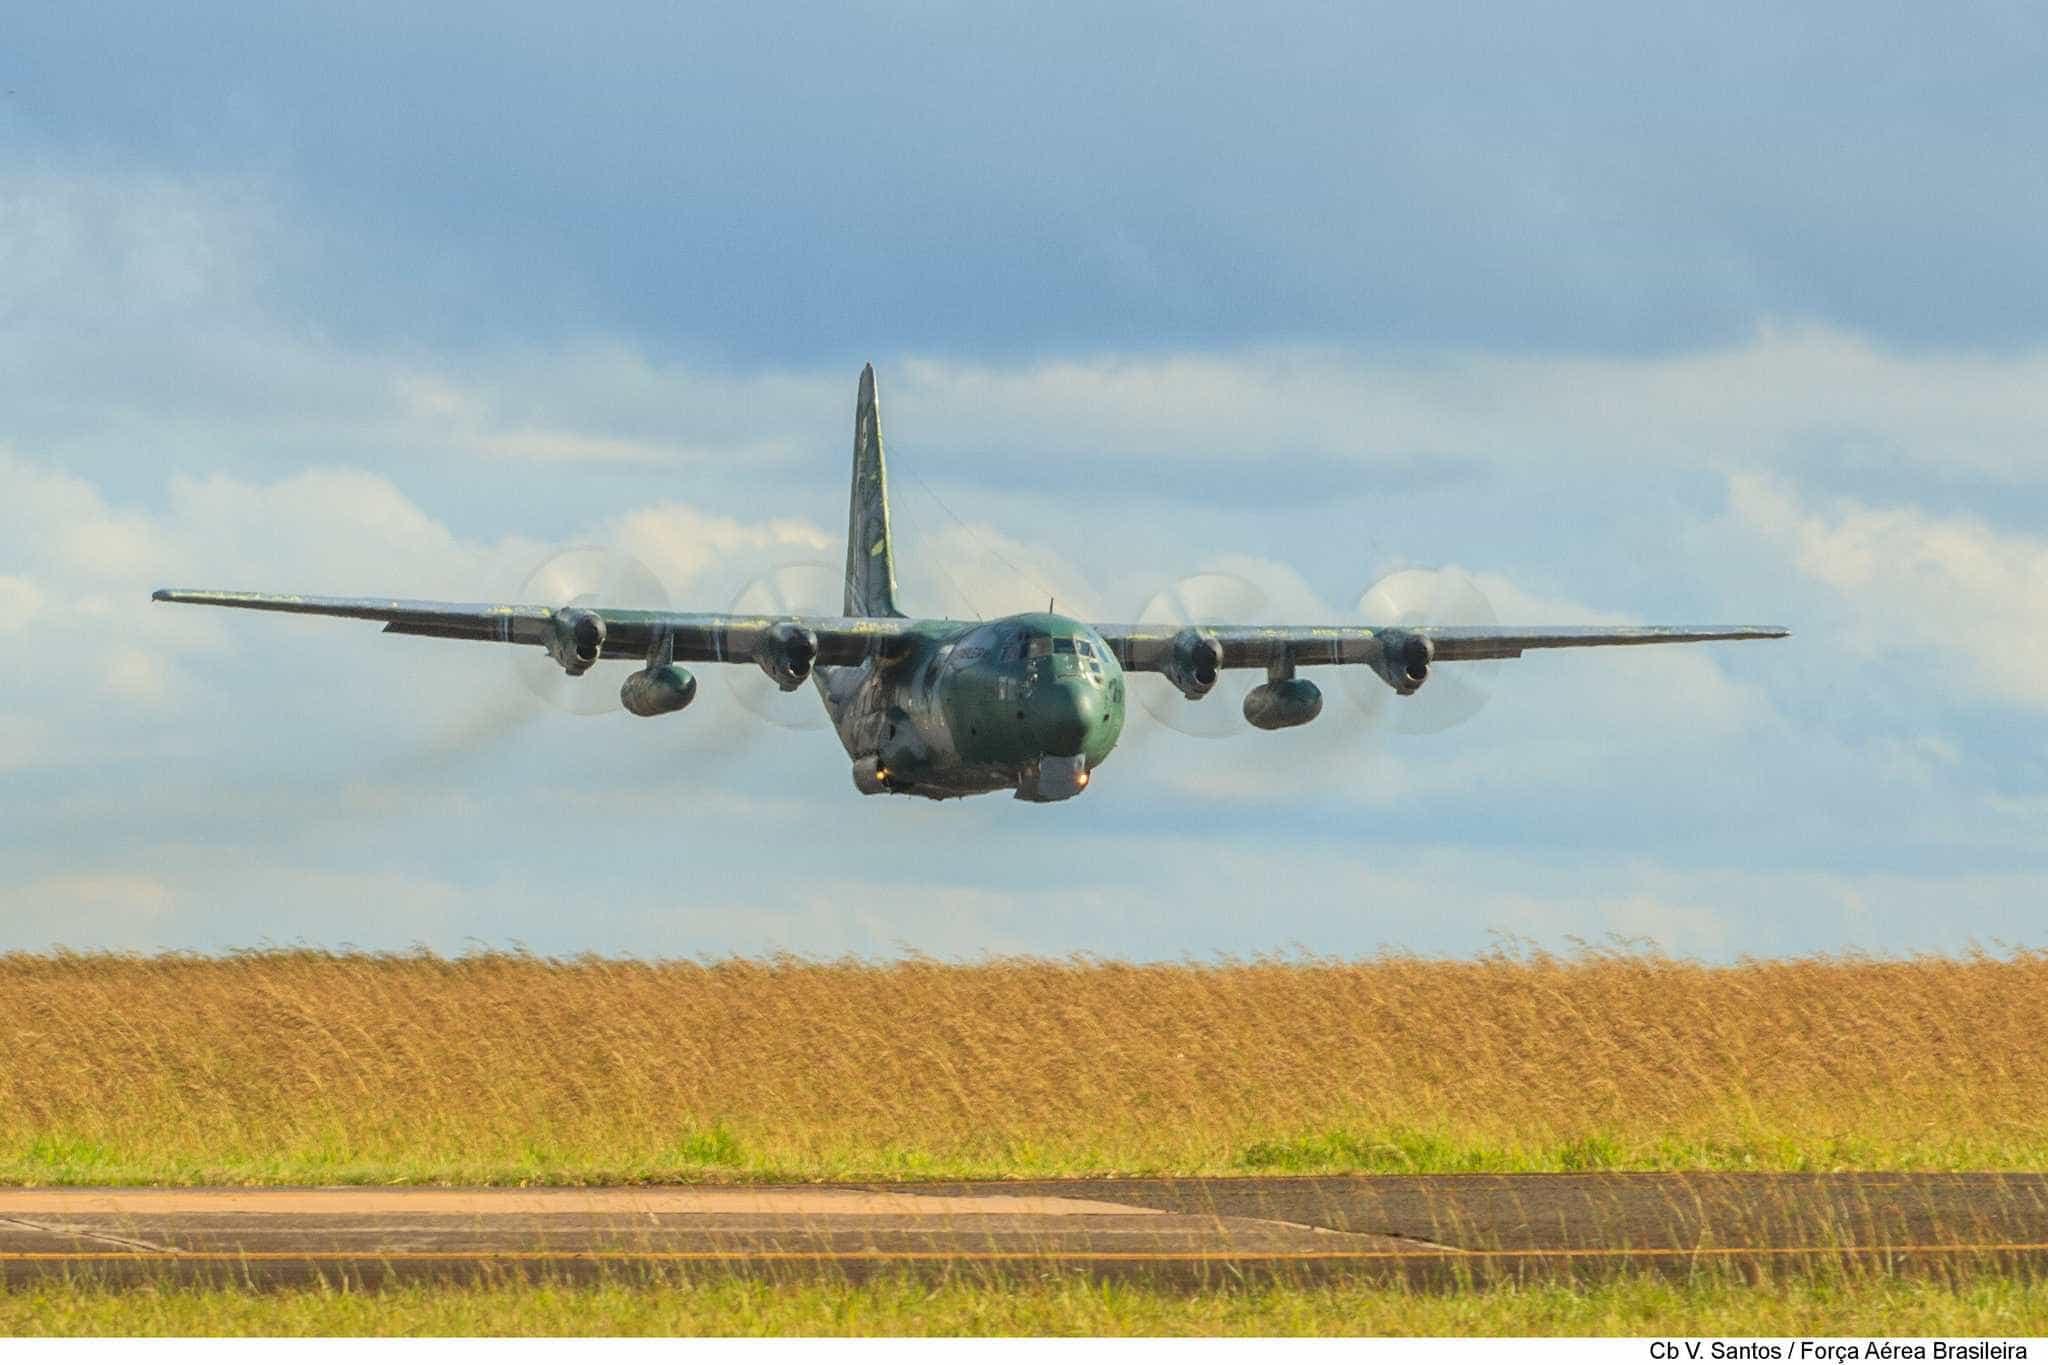 Avião da FAB com 70 militares a bordo sofre pane e volta a Brasília